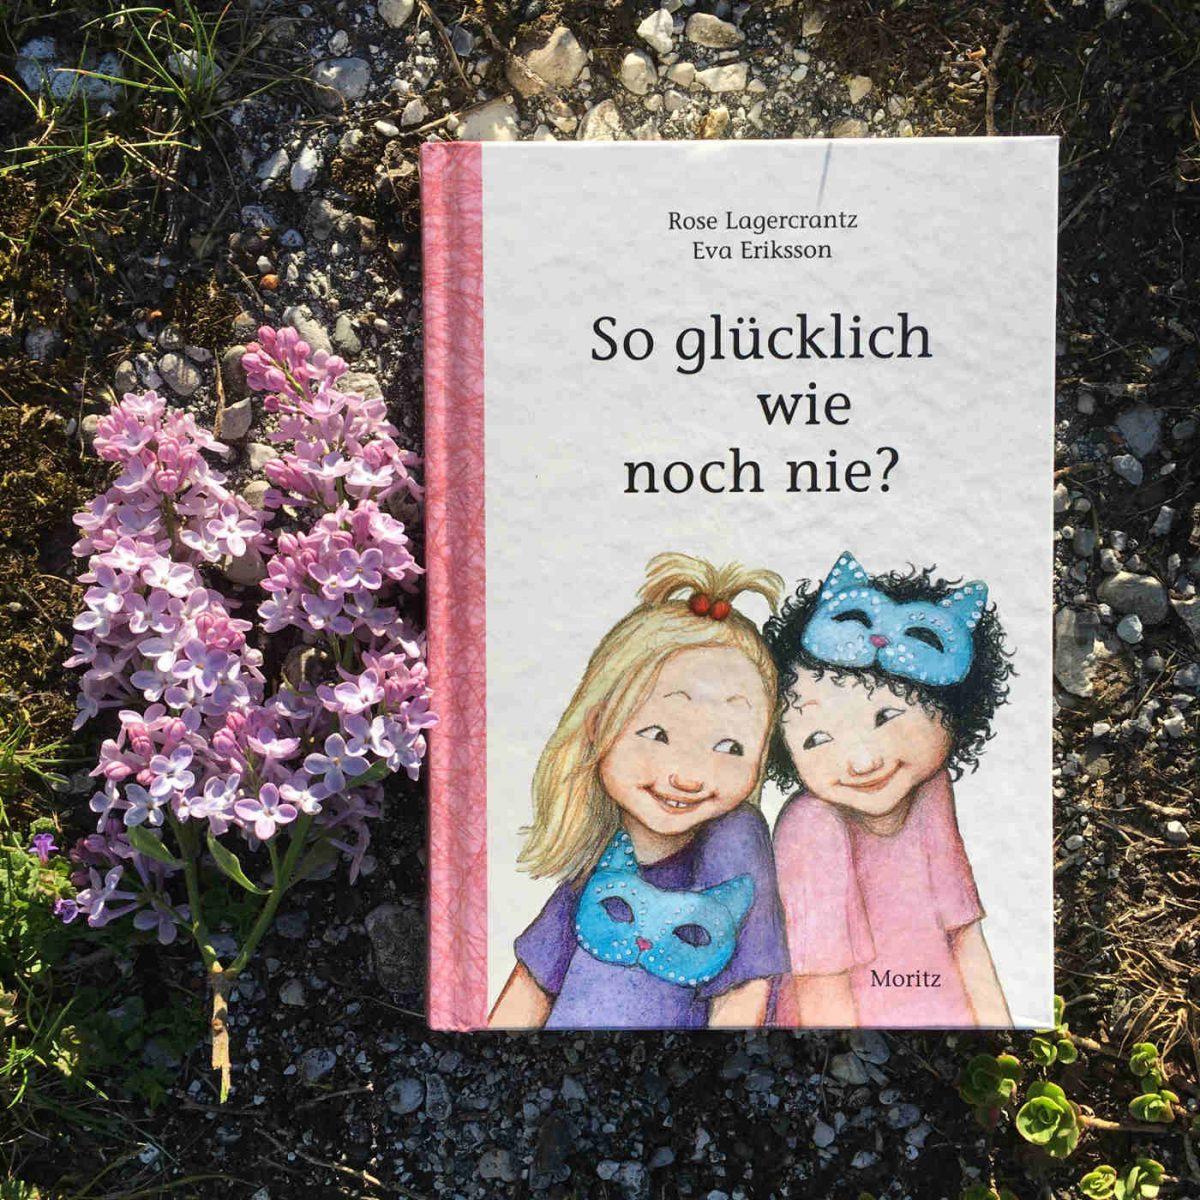 Rose Lagercrantz und Eva Eriksson: So glücklich wie noch nie?